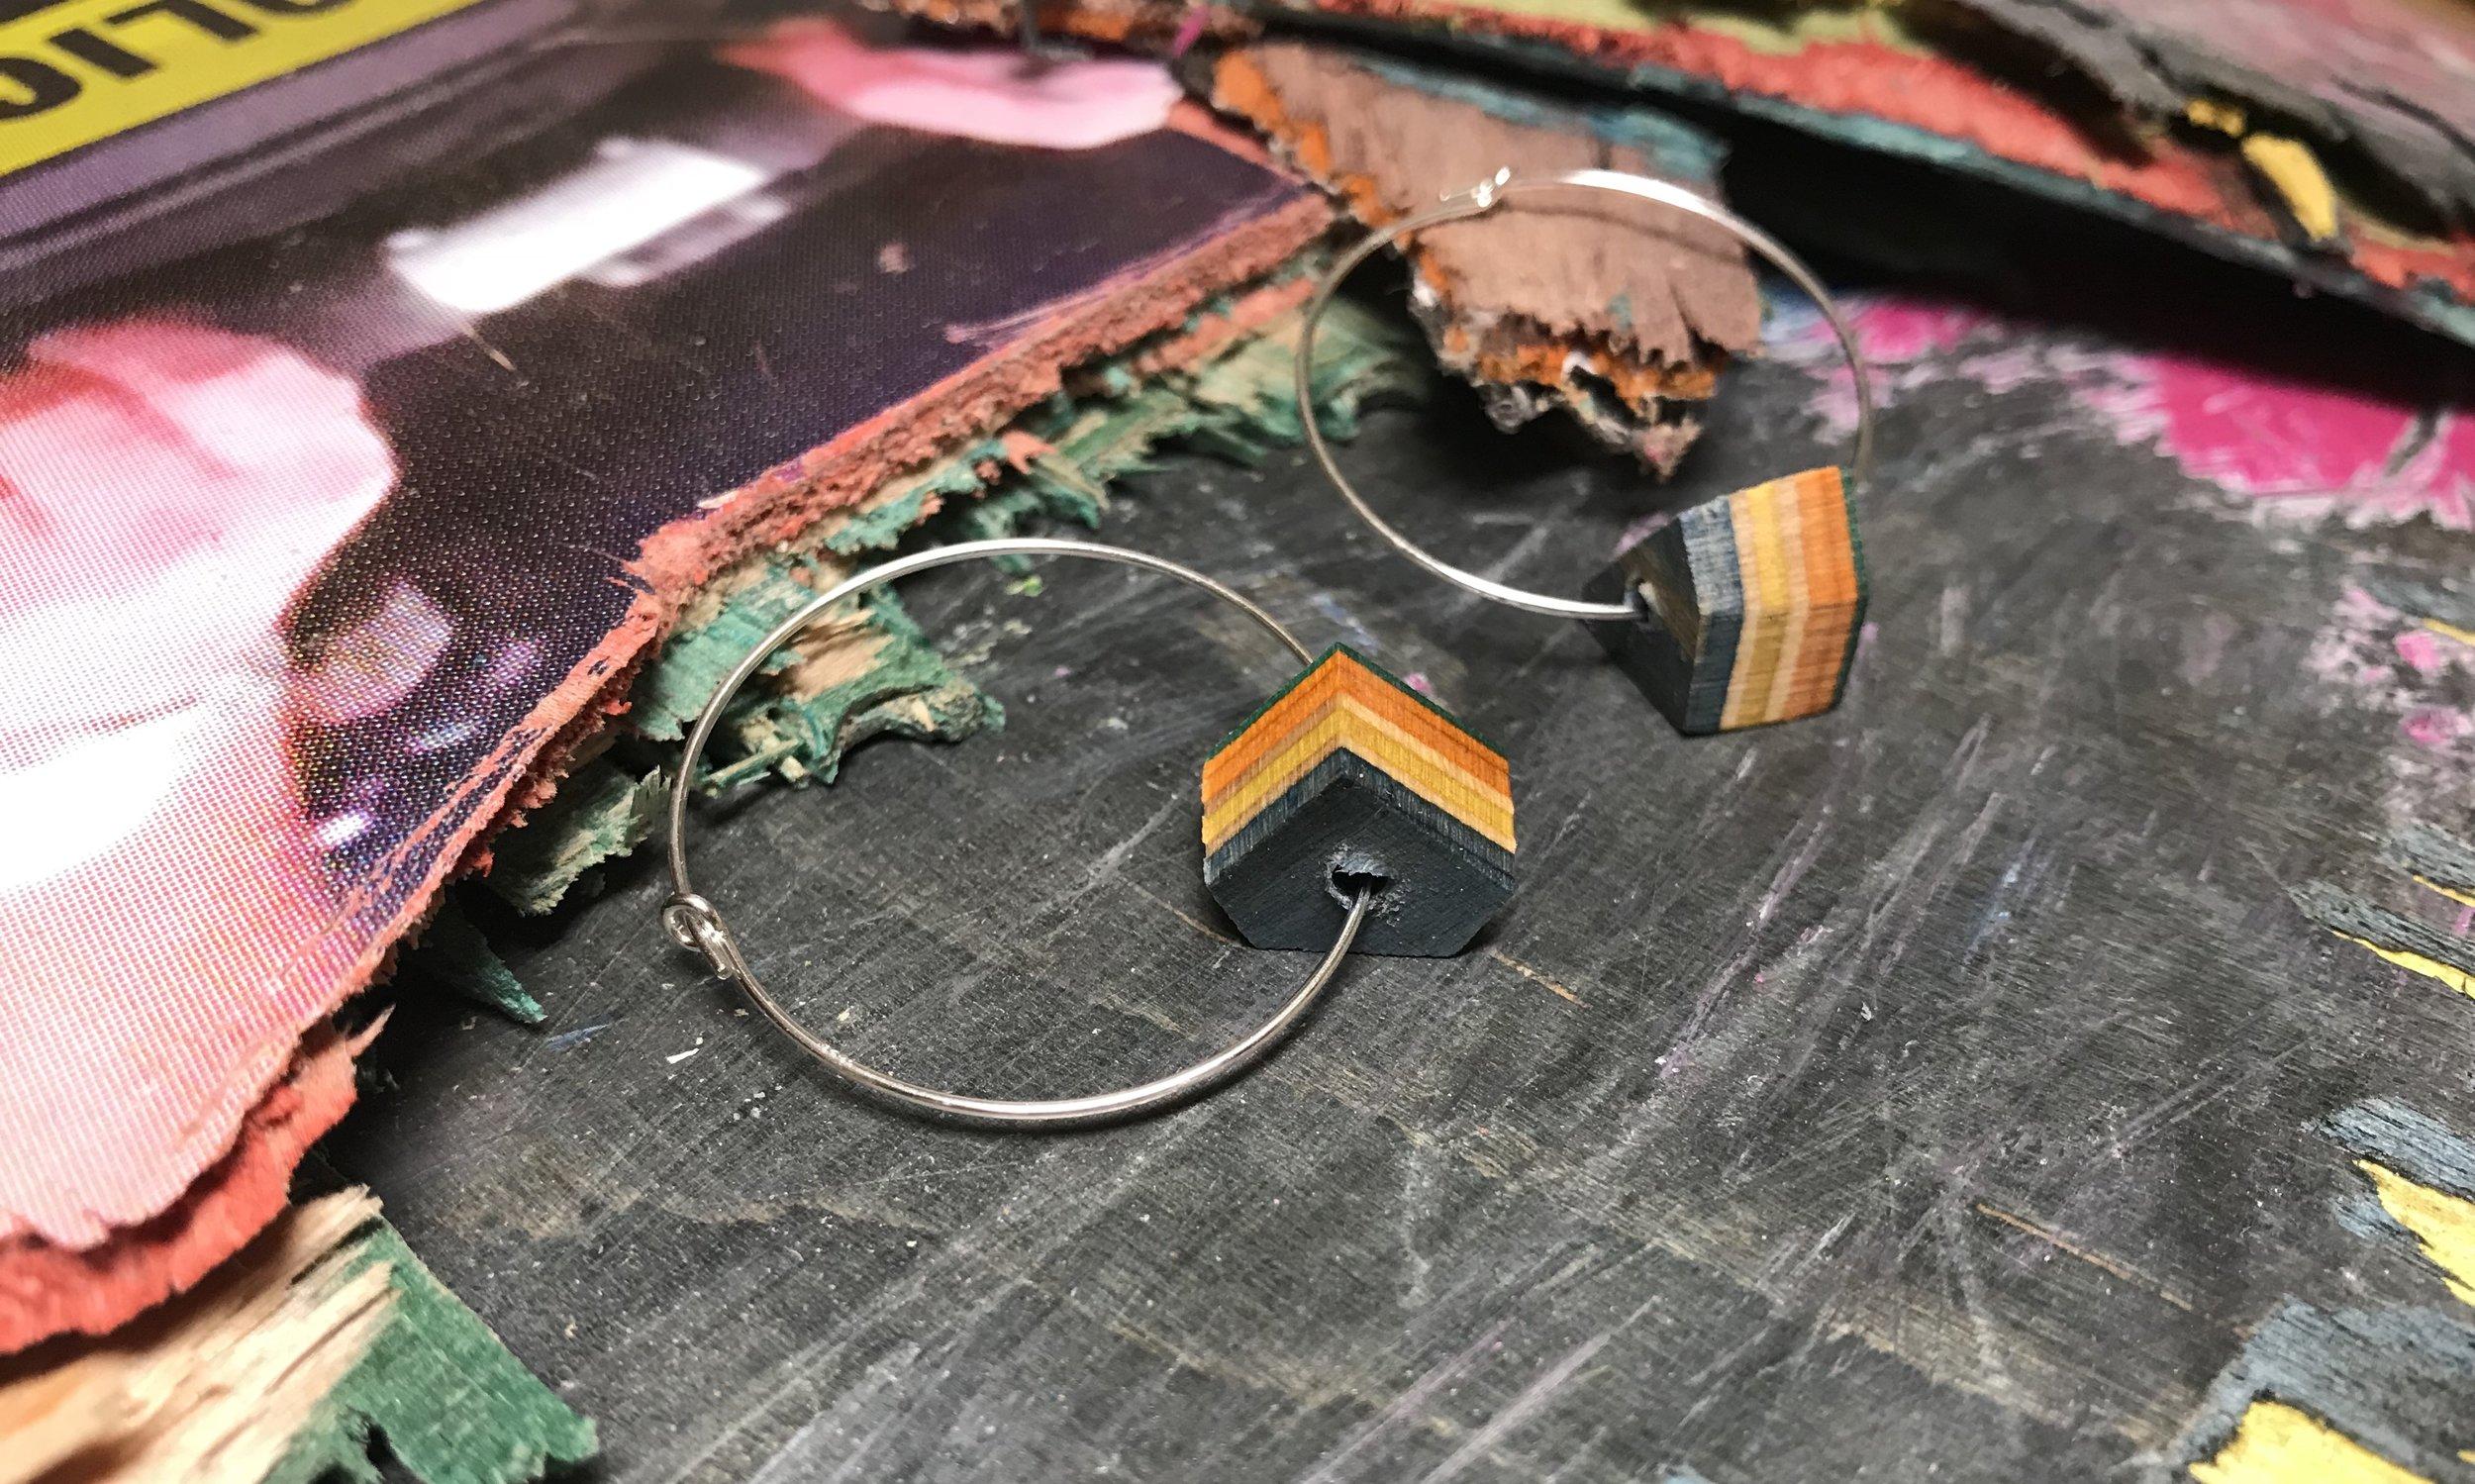 Geometric Hoop Earrings  Recycled Skateboard and Sterling Silver  1 x 1 cm, hoops 2 x 2 cm  £24